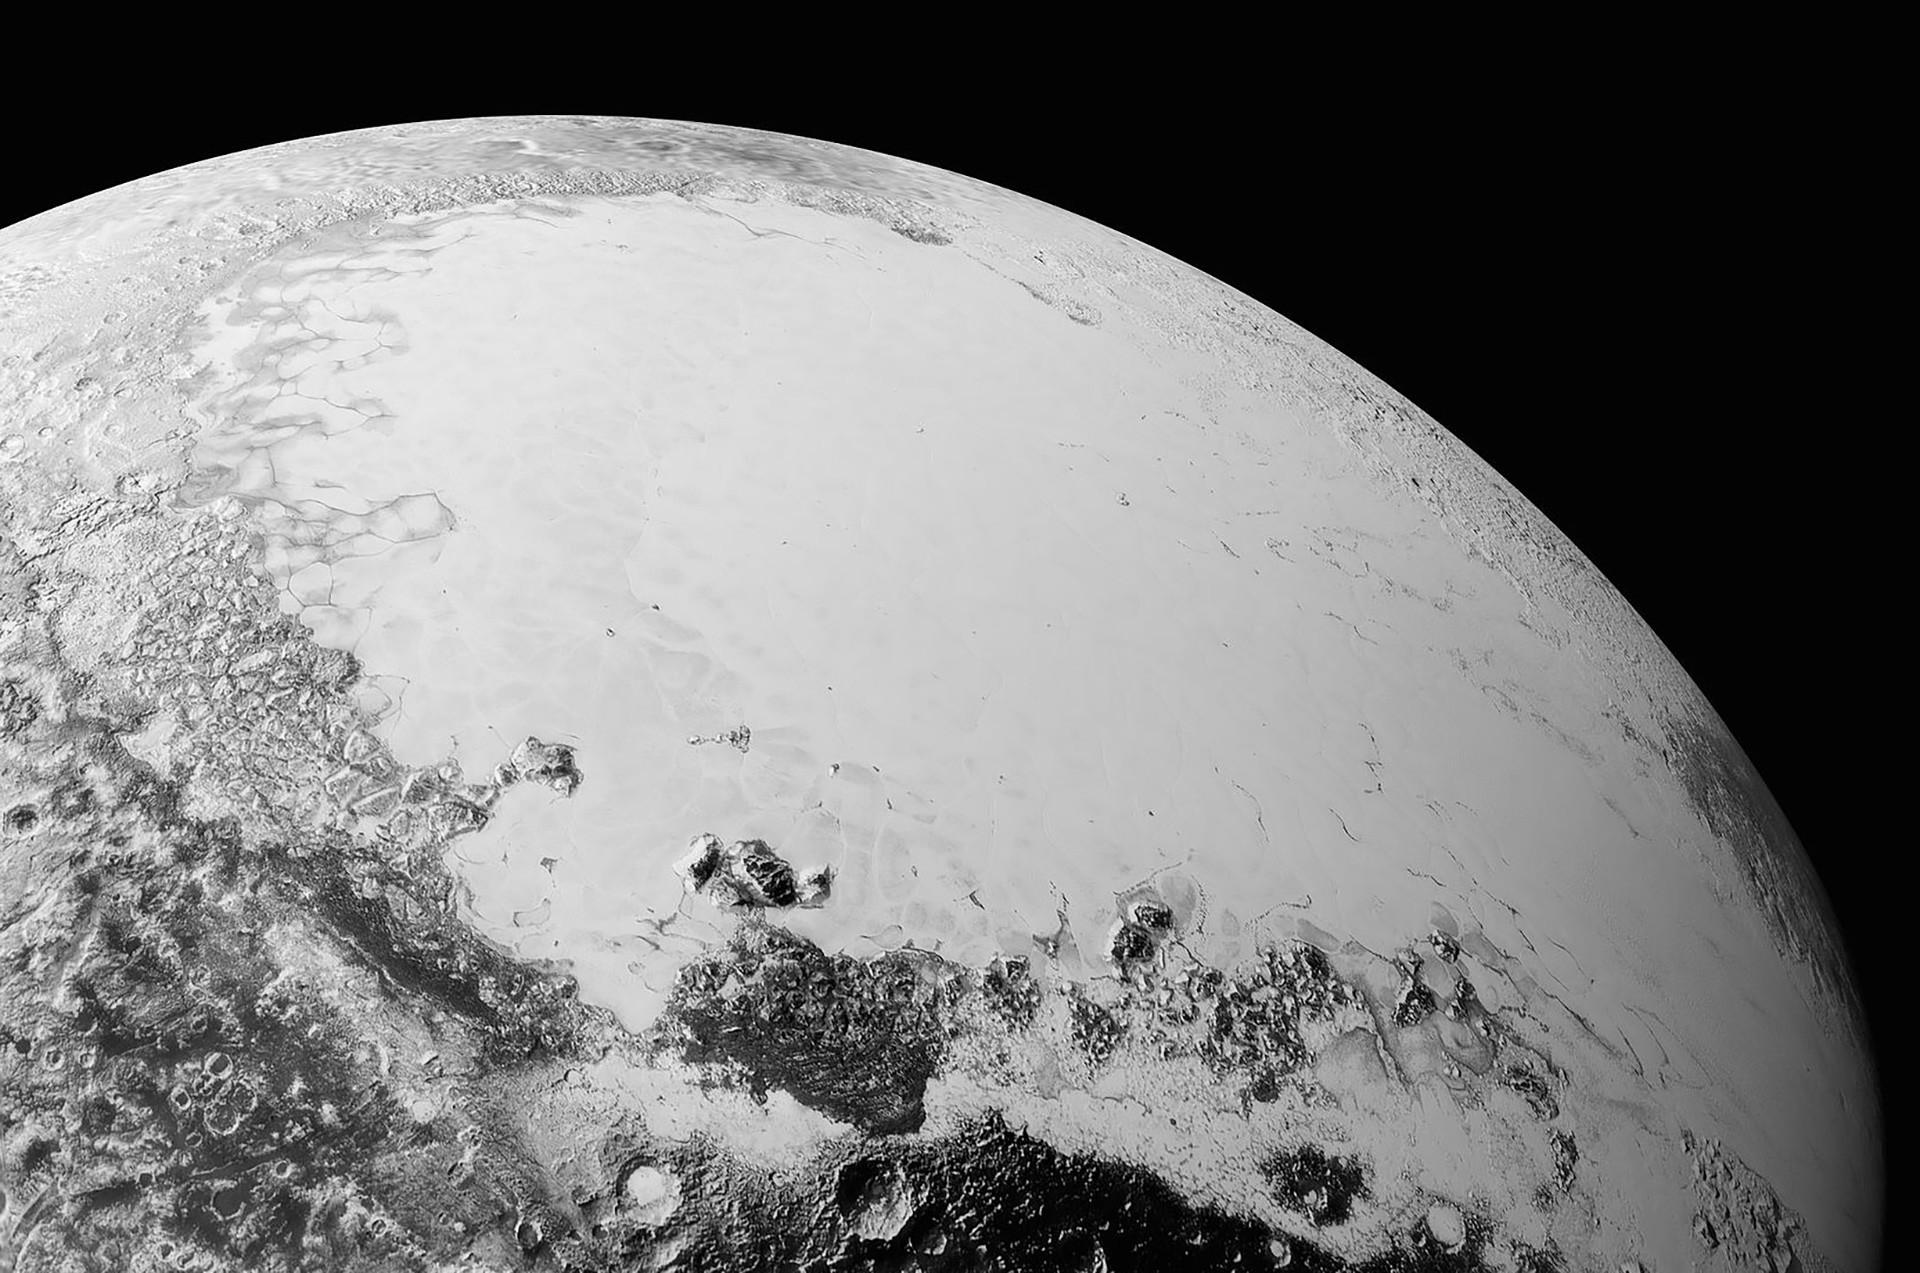 Sputnik Planitia, una cuenca cubierta de hielo en Plutón.